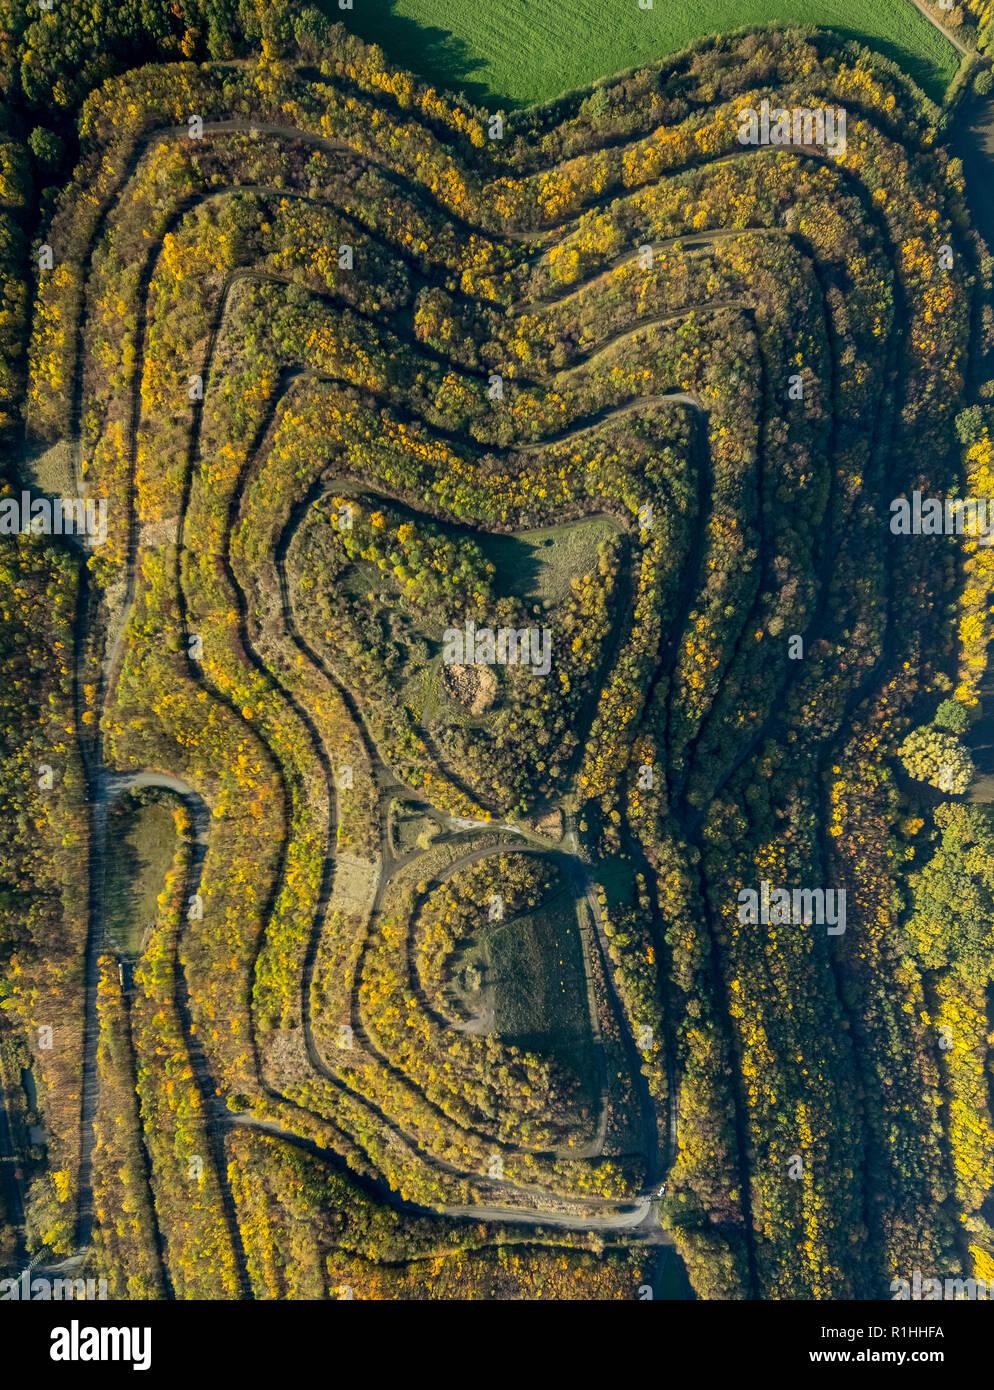 Vista aérea, existencias en altura Herringen Kissinger, caminos, líneas de contorno, líneas de igual altura, senderos, otoño colorido follaje dorado, Octubre, Hamm Imagen De Stock